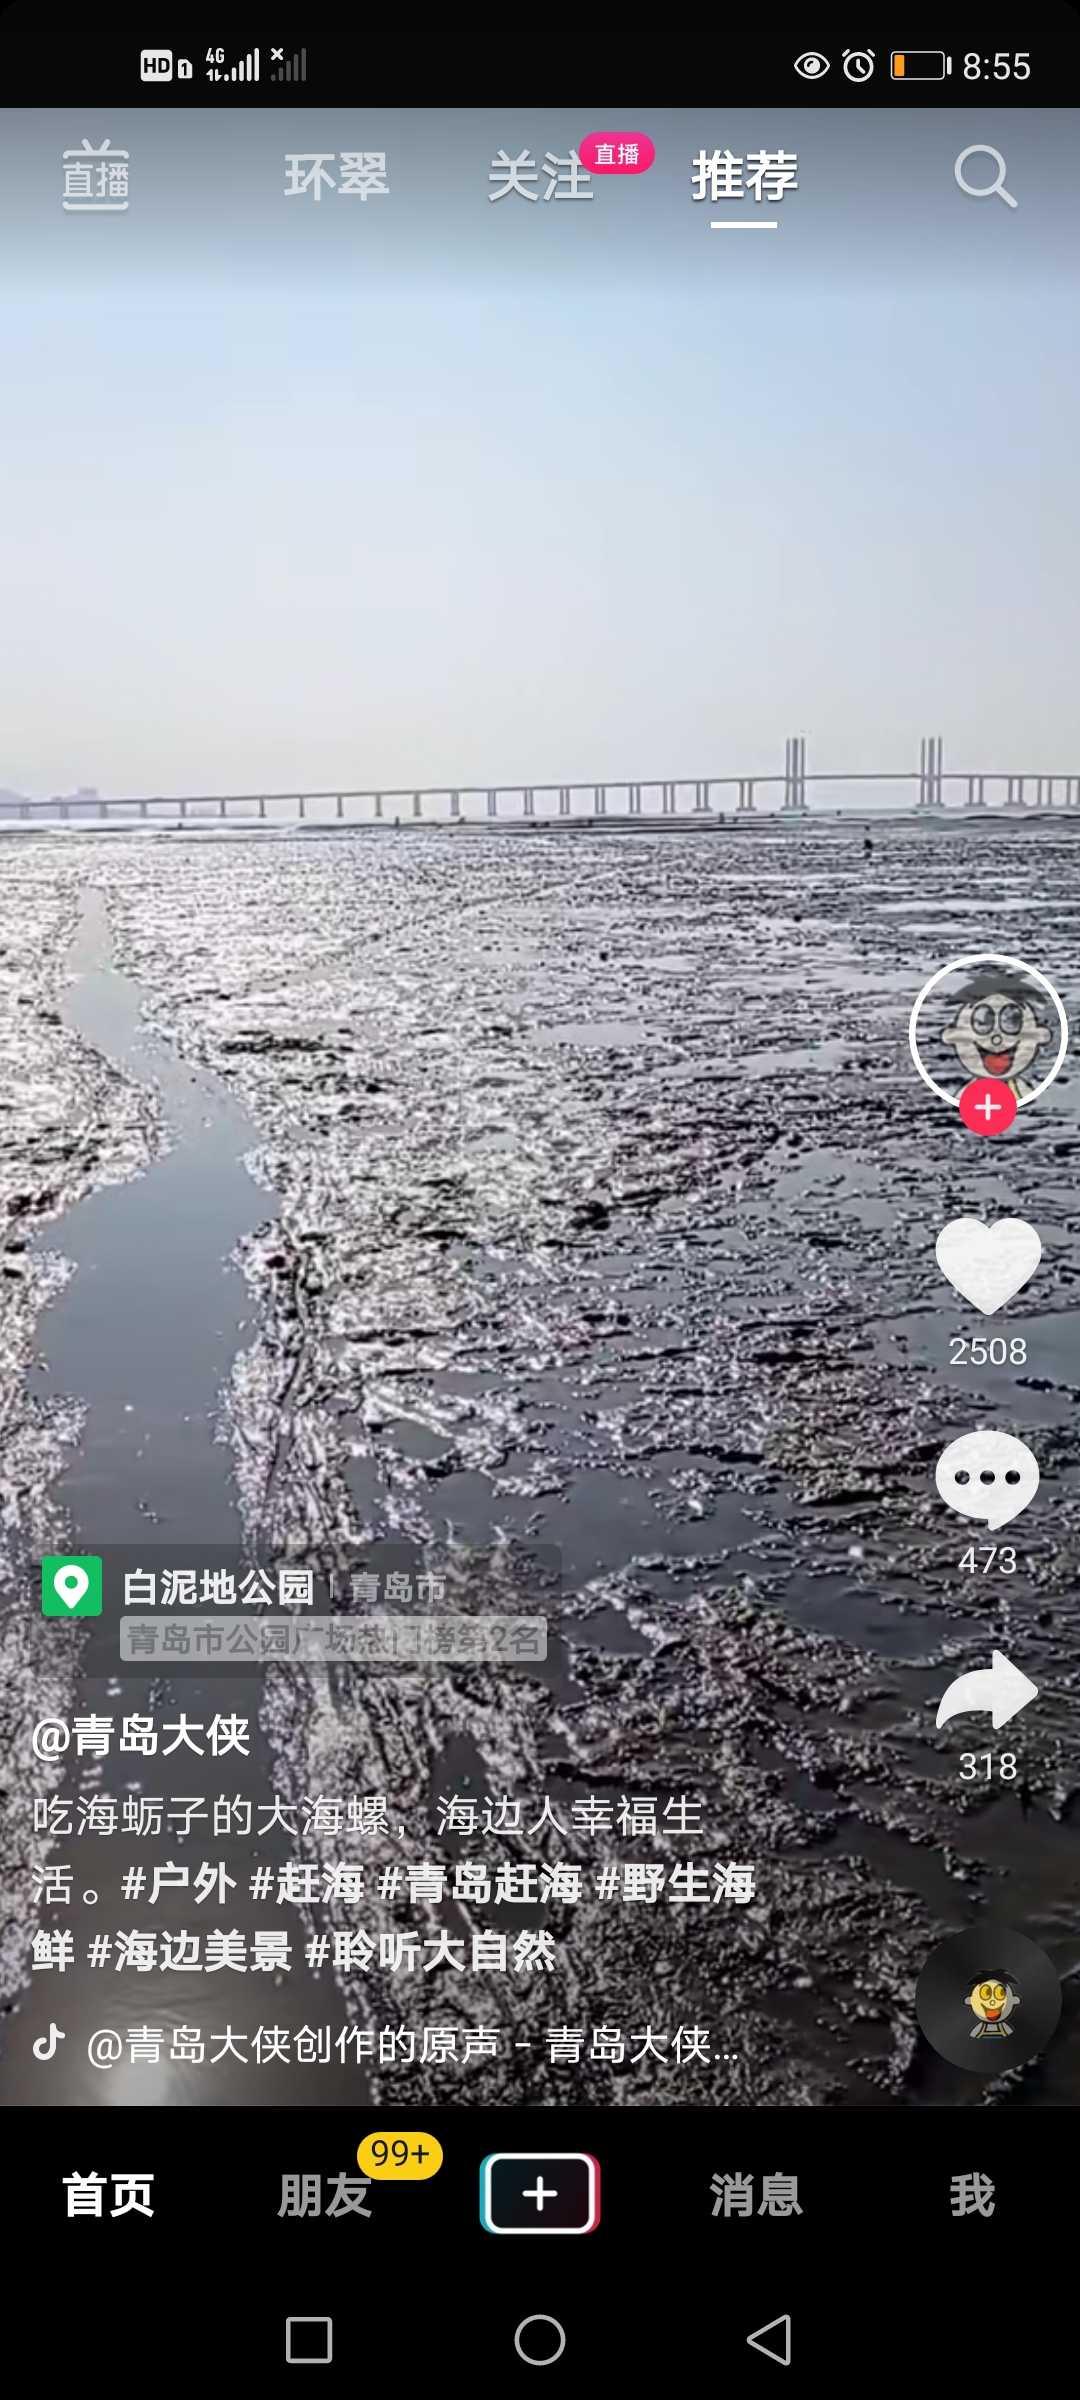 求购渔船手续山东省内